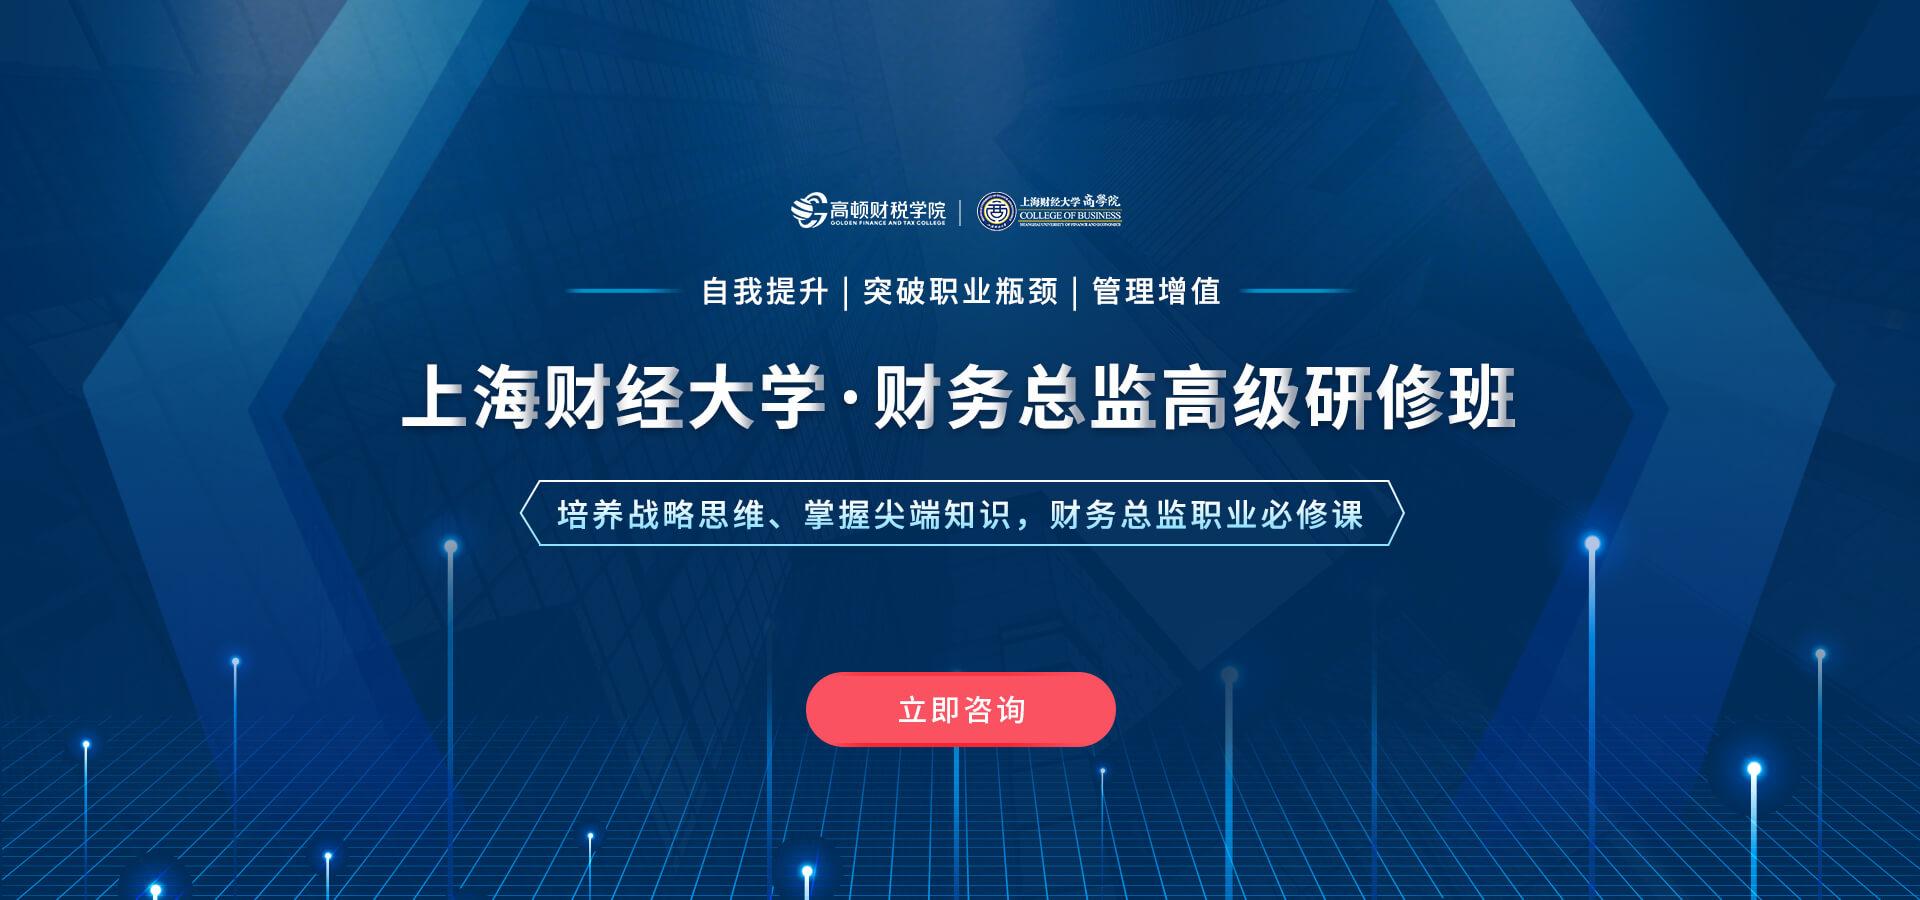 上海財經大學·財務總監高級研修班-財務總監班